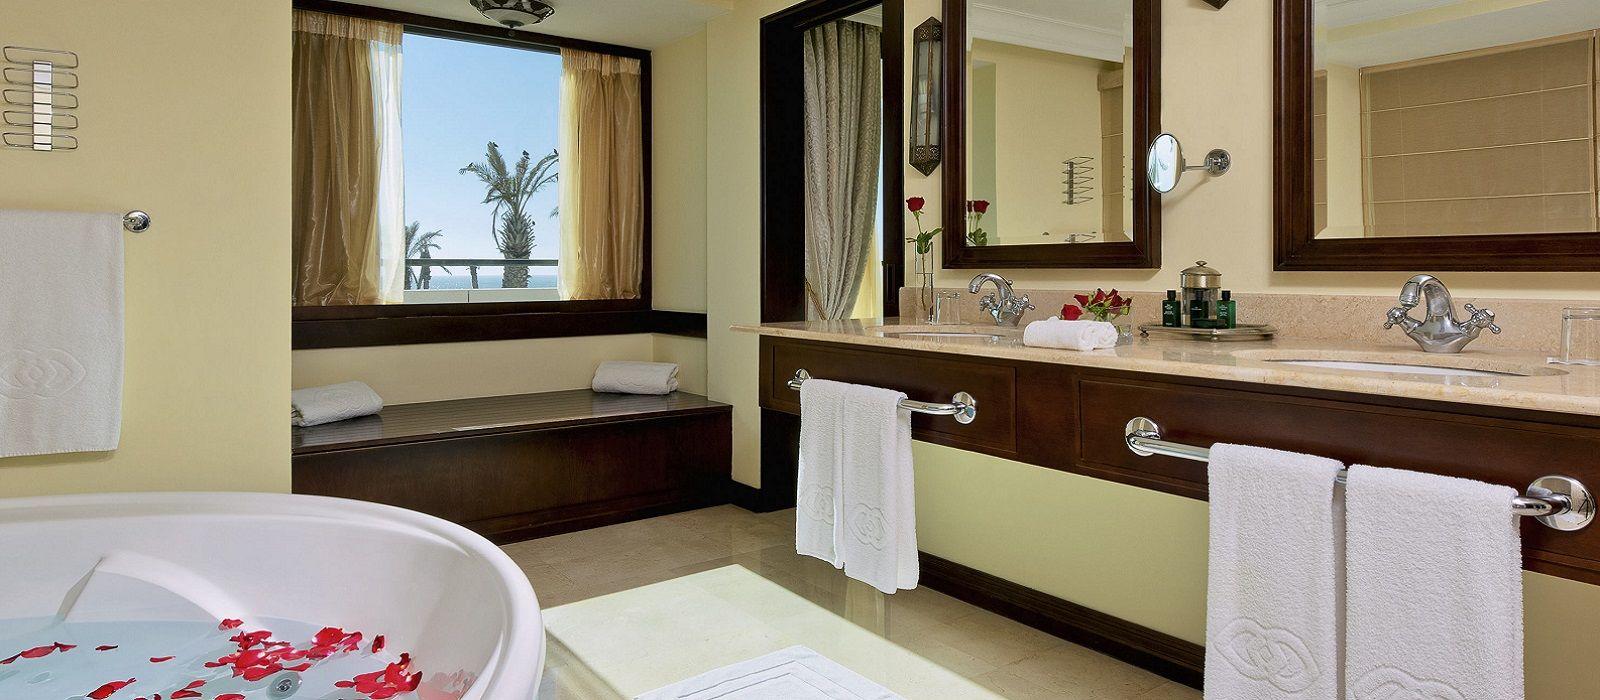 Hotel Sofitel Royal Bay Marokko